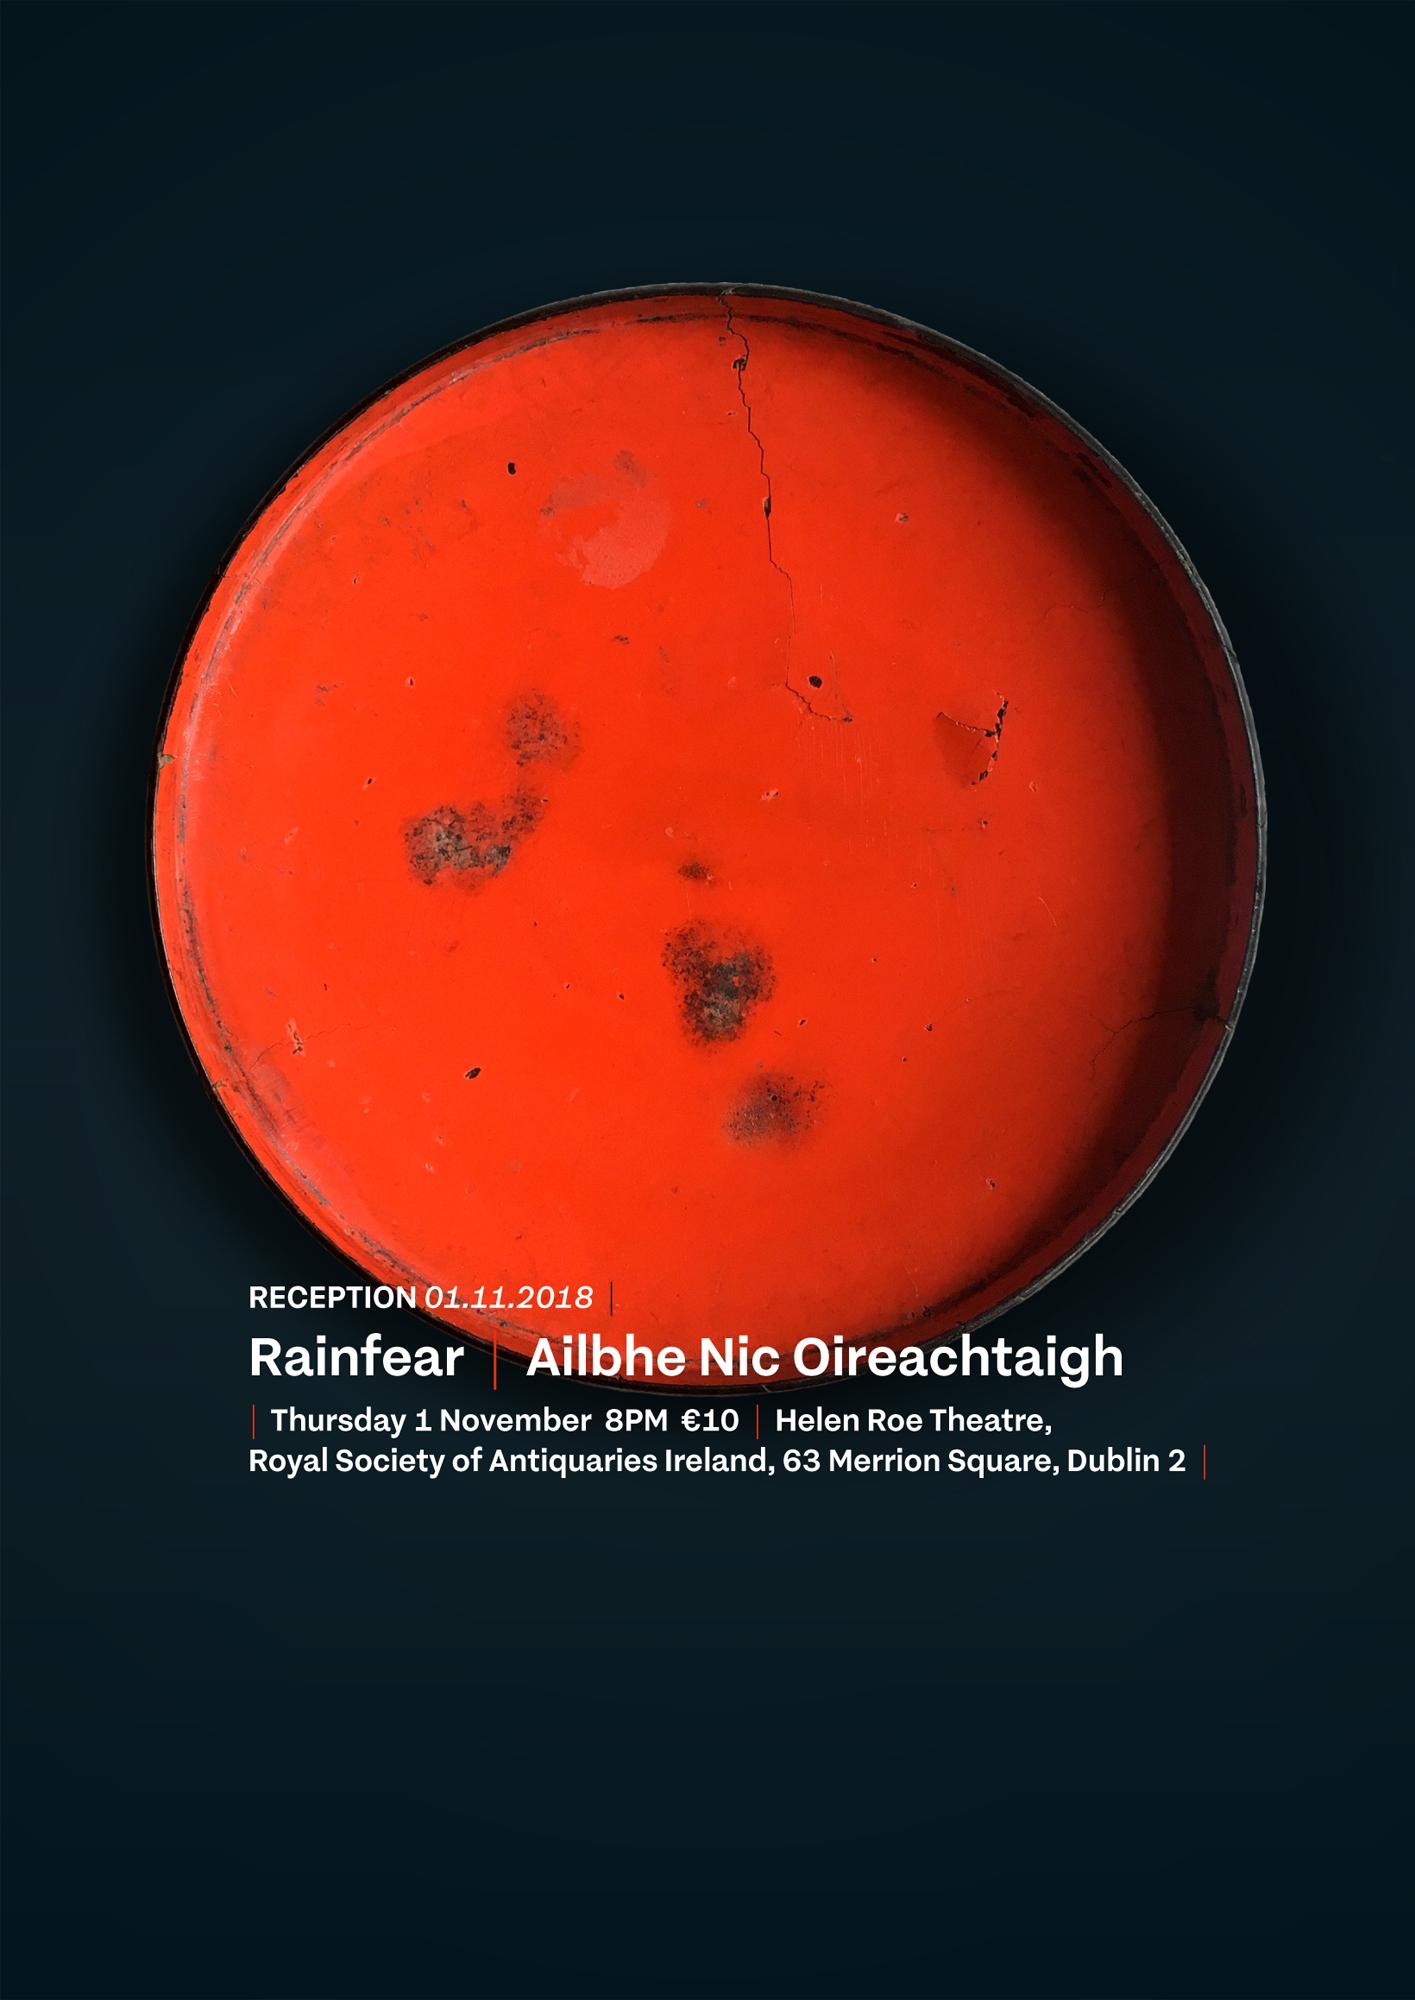 Cover image: Rainfear | Ailbhe Nic Oireachtaigh